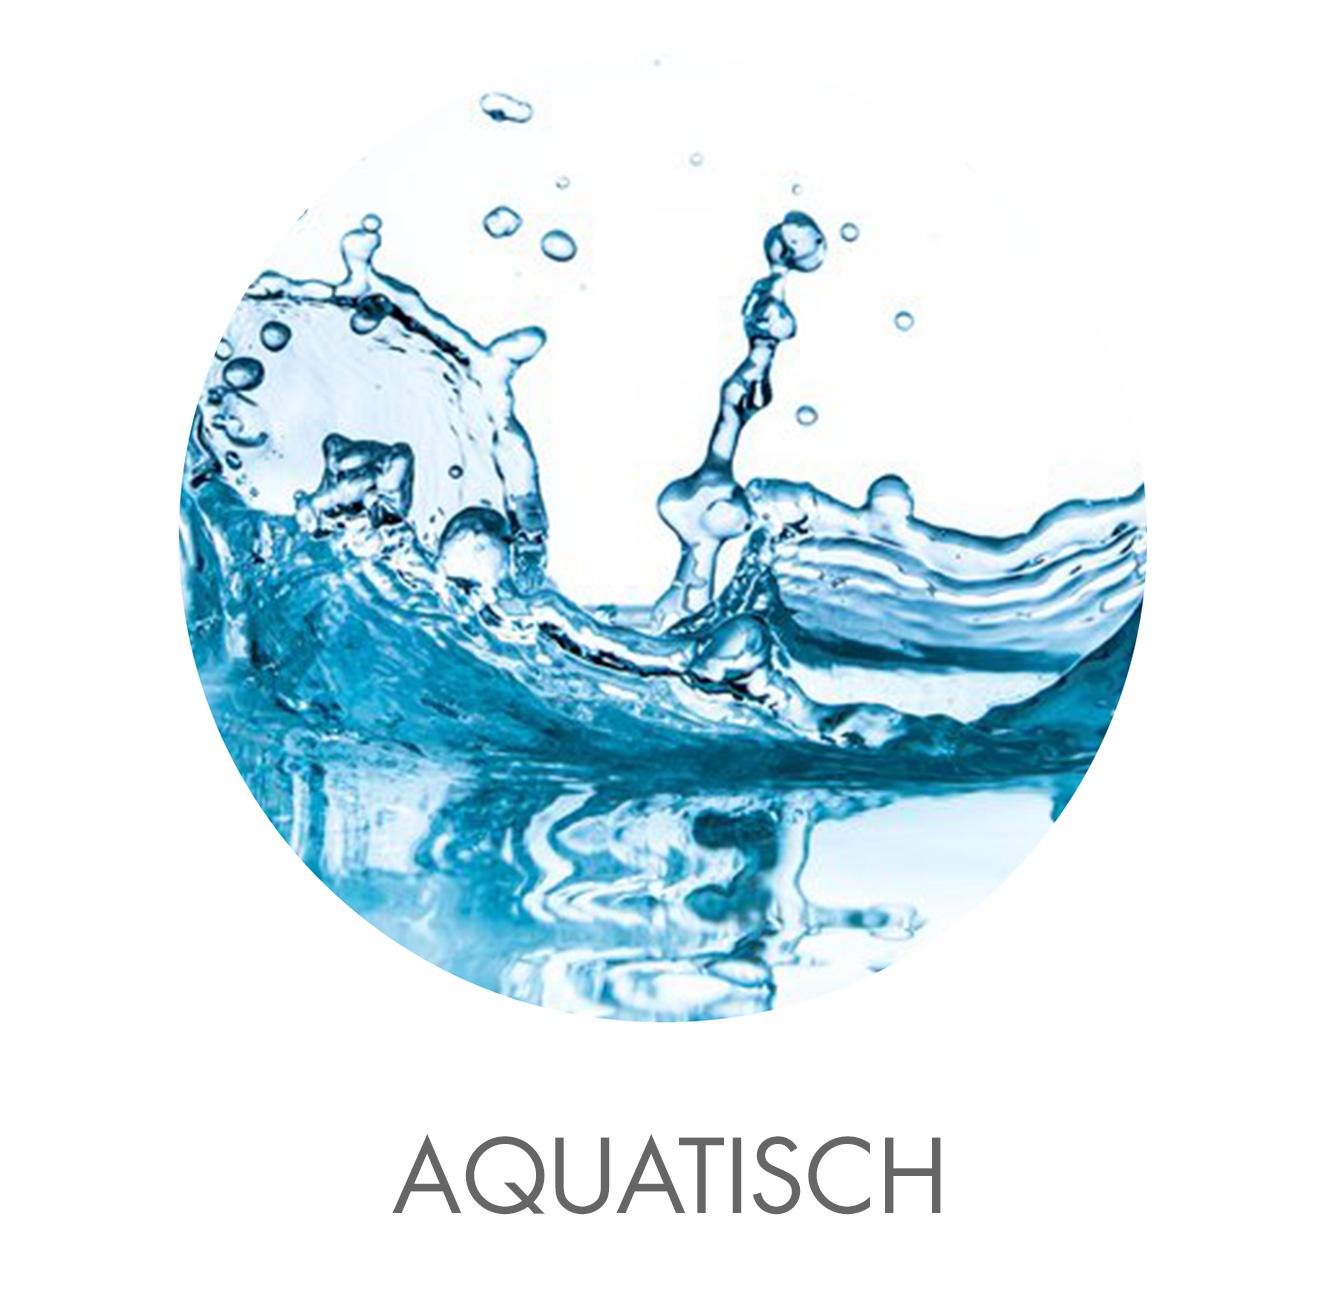 Aquatisch